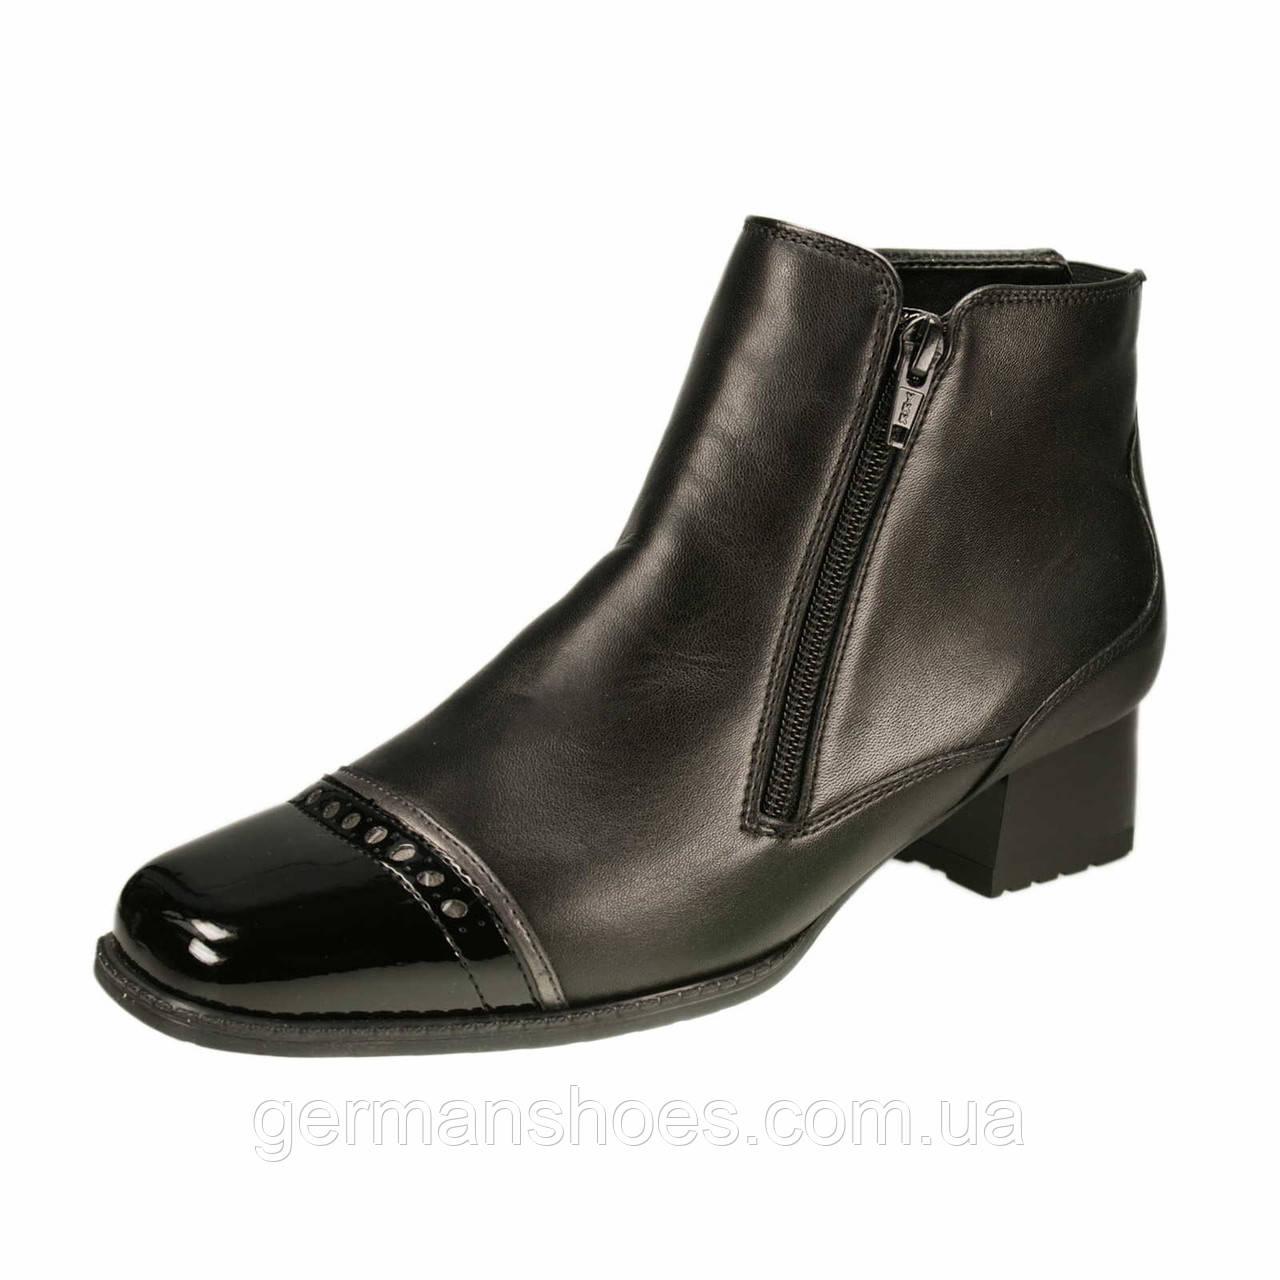 Ботинки женские Ara 41831-65